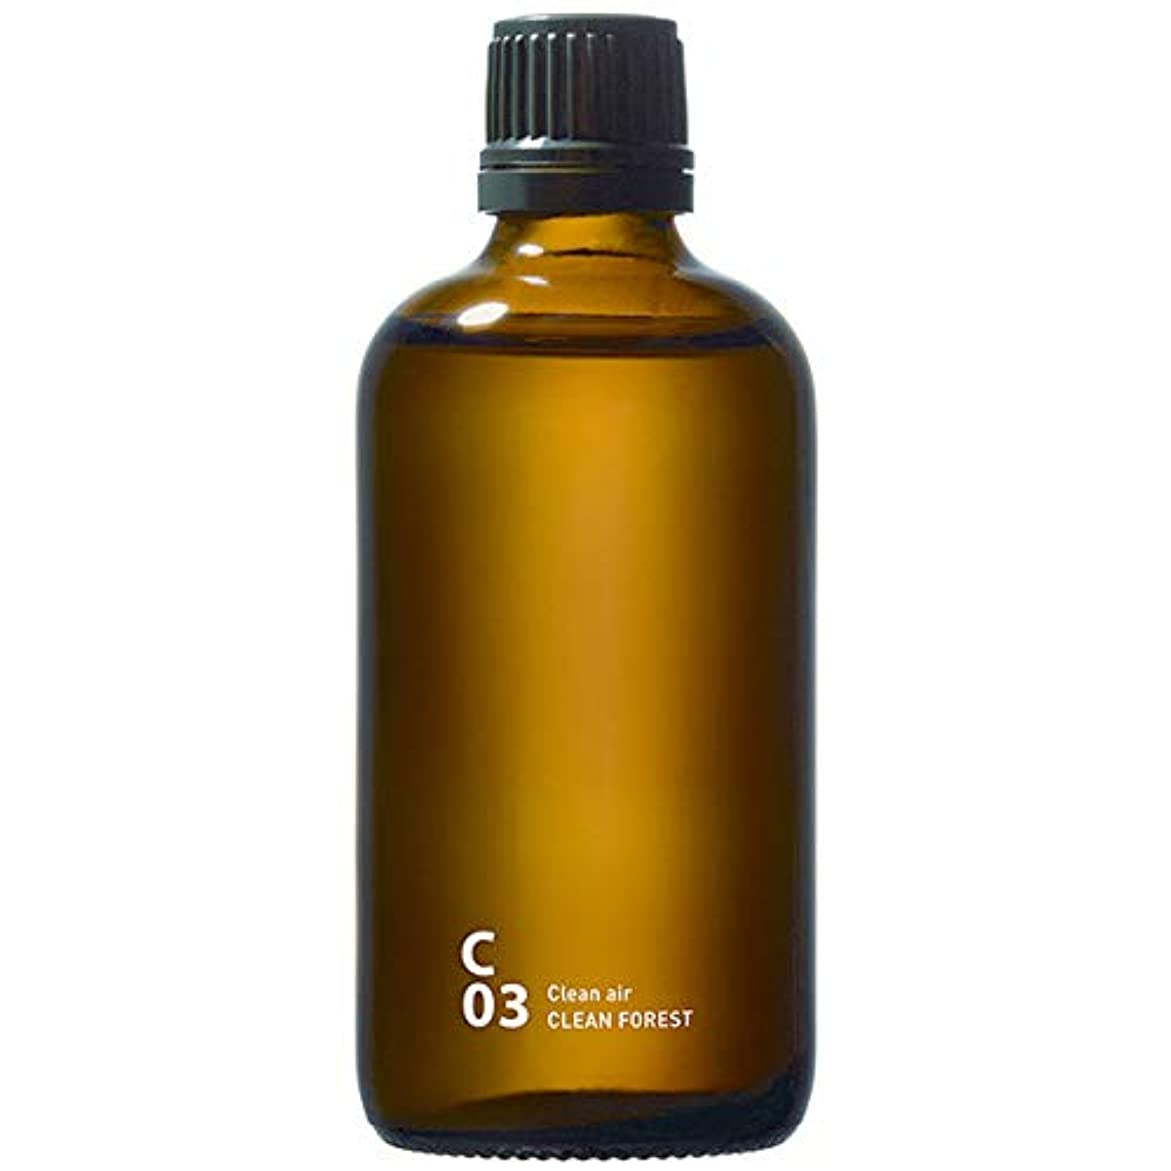 エスカレート詐欺師環境に優しいC03 CLEAN FOREST piezo aroma oil 100ml